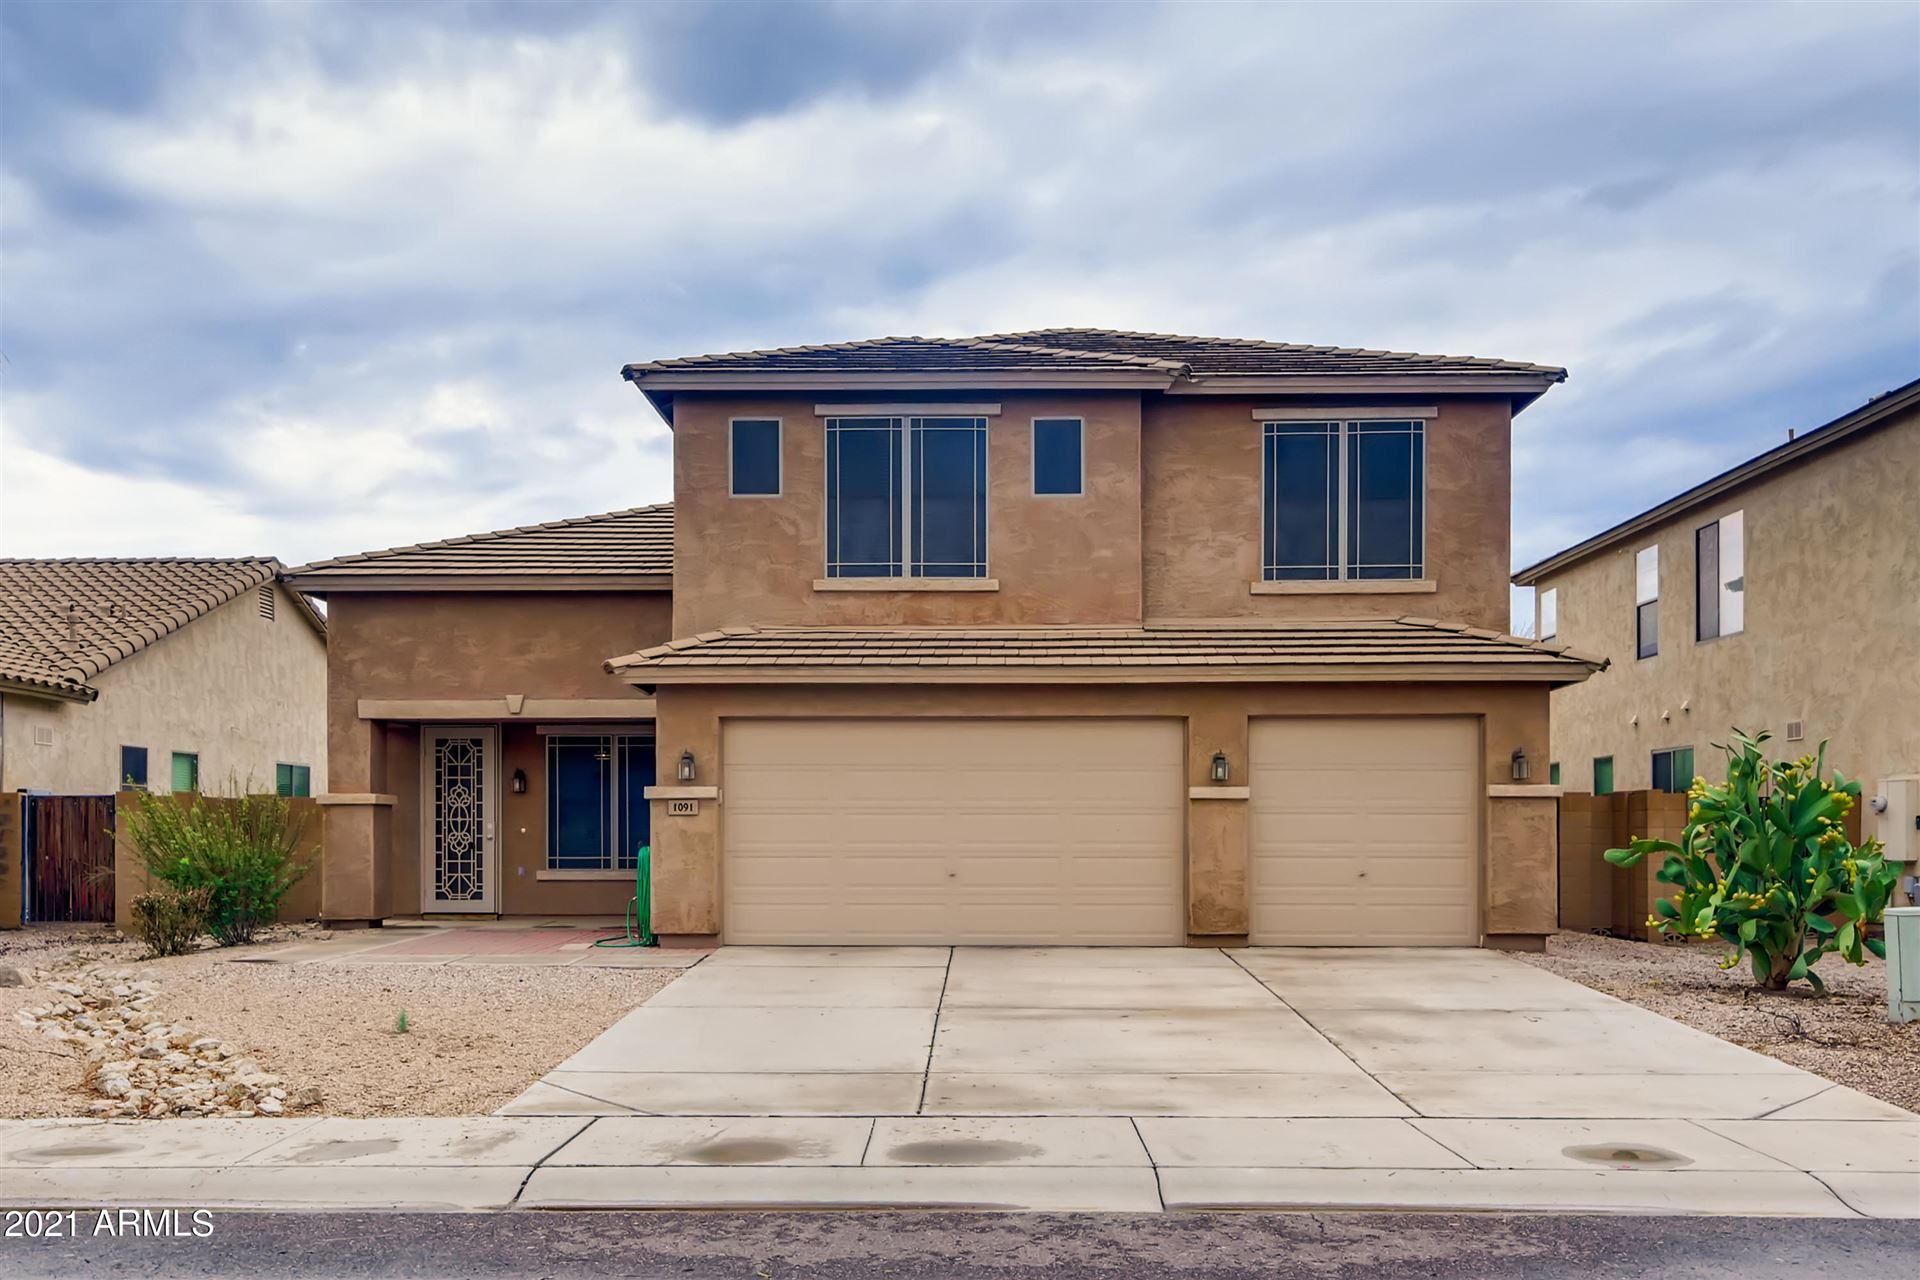 1091 E MAGNUM Road, San Tan Valley, AZ 85140 - MLS#: 6267262